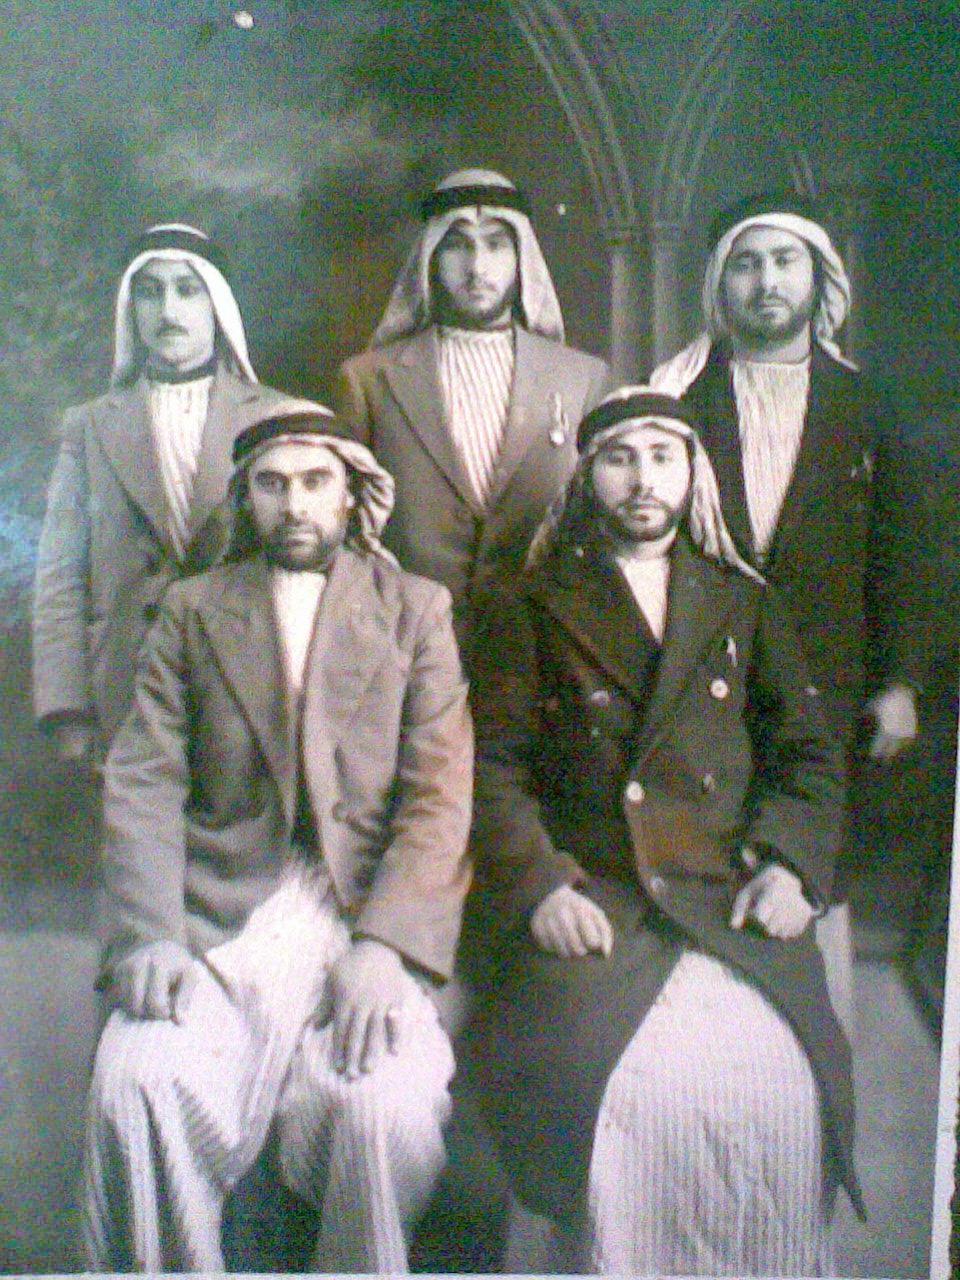 Saffuriyya-صفورية: المجاهدون محمد غزلان و صالح النصر و عمر أبو زينه و أحمد التوبة و نايف المصلح 1939